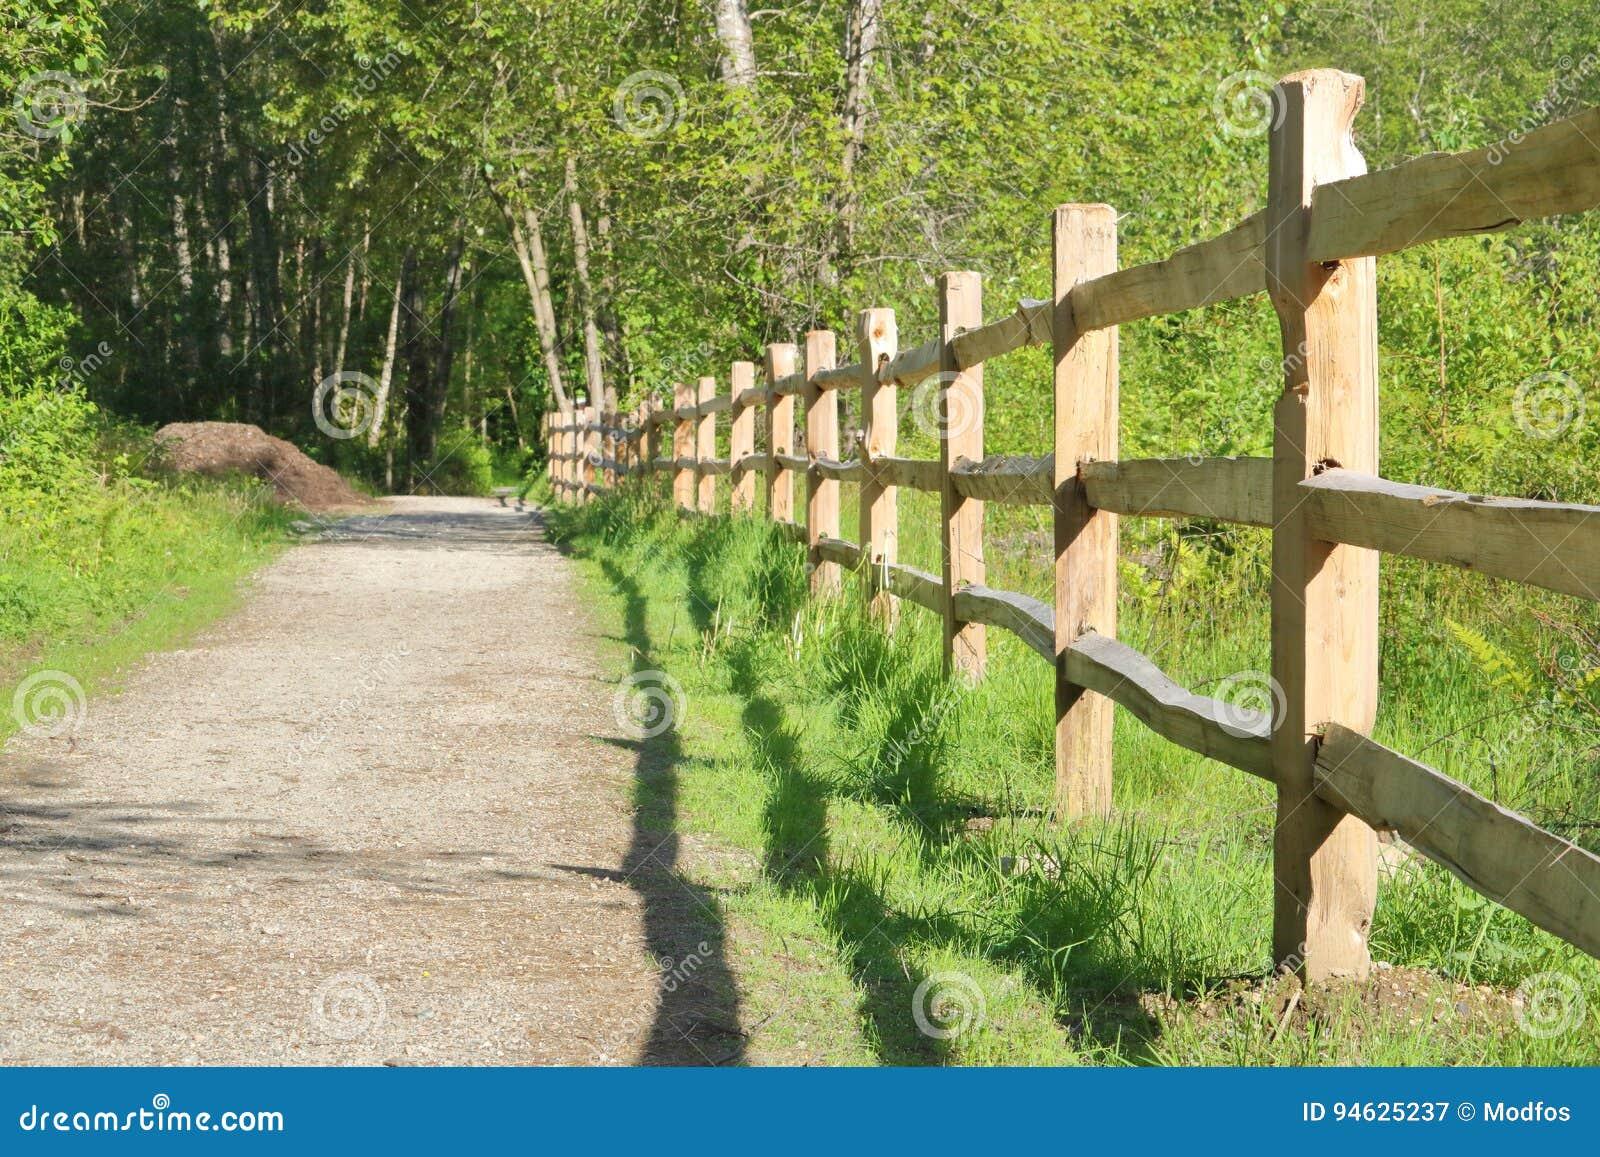 Picture of: Posts Y Haz Cedar Fence Imagen De Archivo Imagen De Cerca 94625237